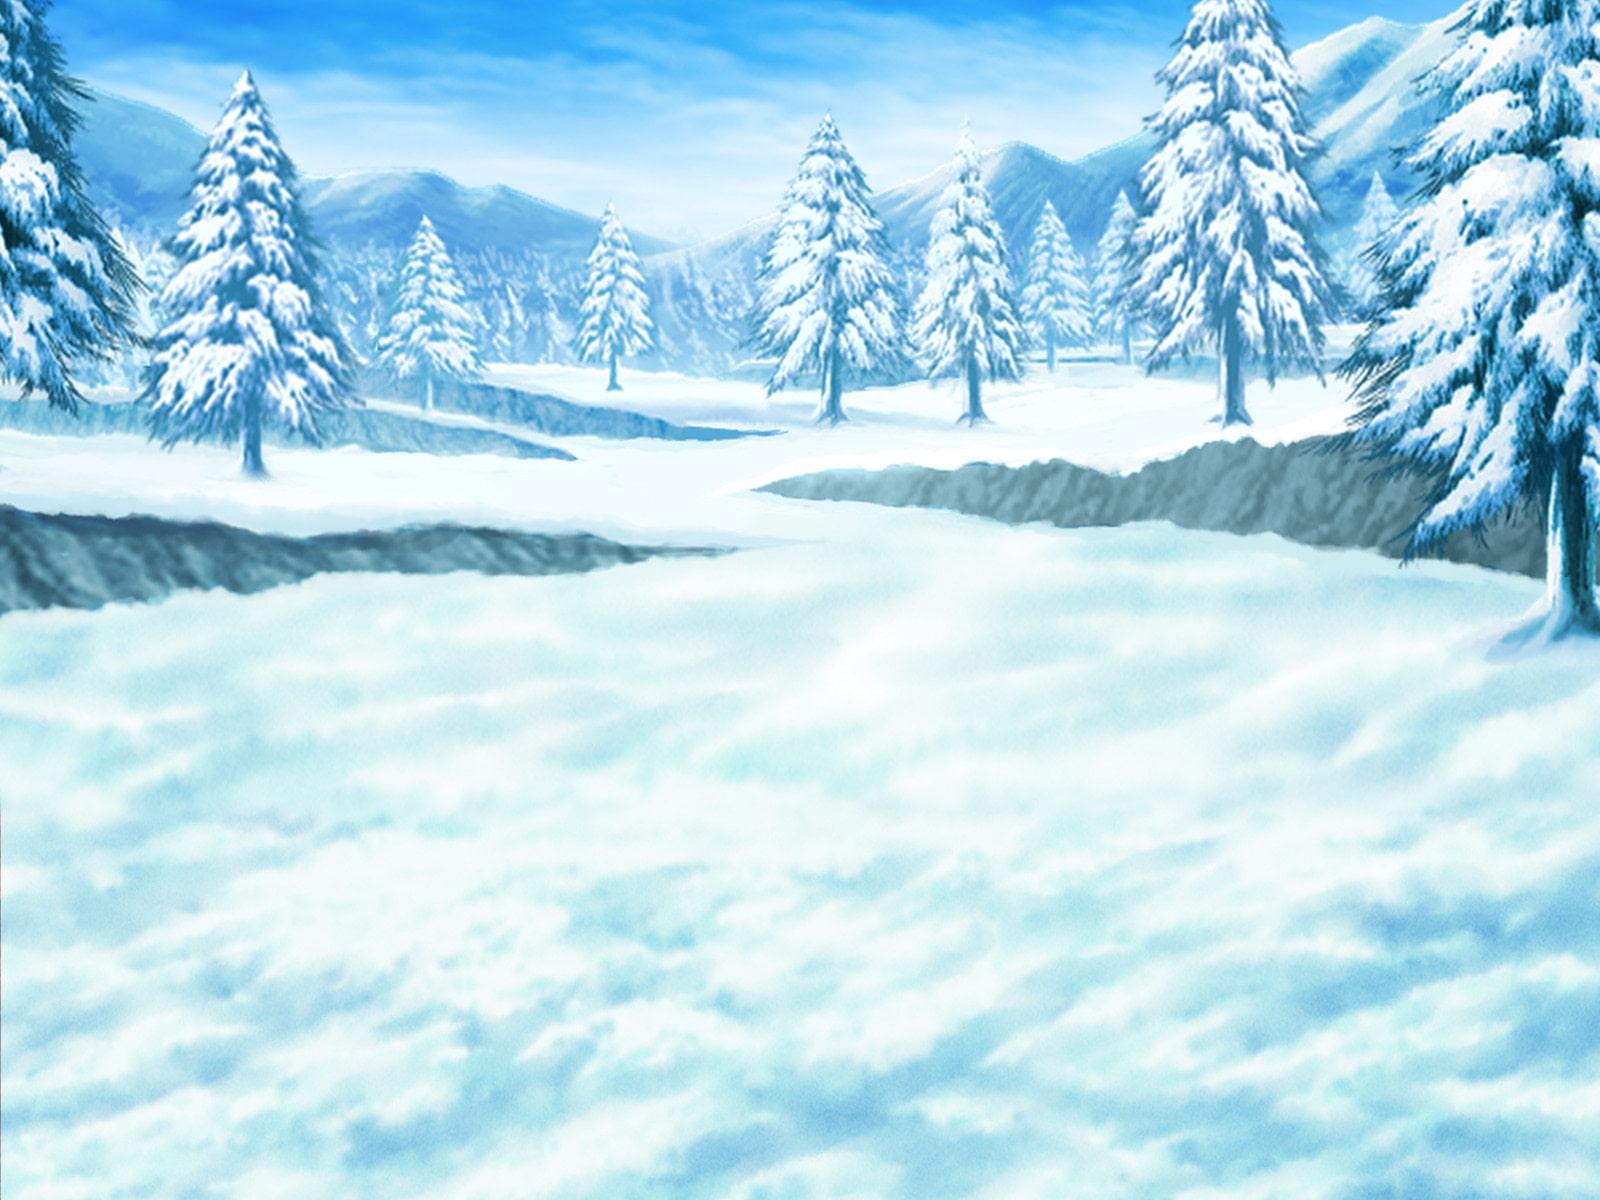 コスパ最高カスタム背景素材集vol1 jpg版